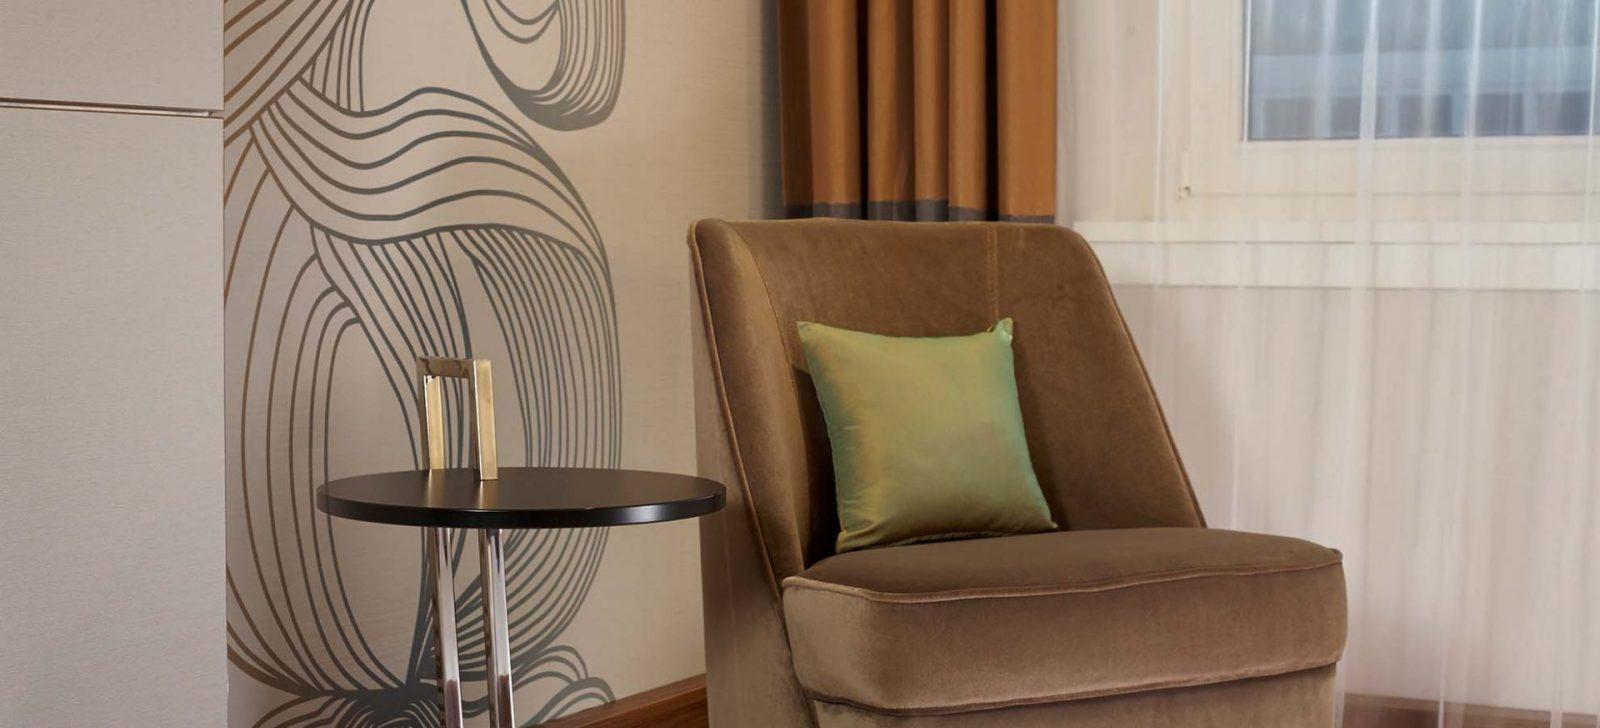 Reichshof Hotel Hamburg Zimmer Sessel / Arm chair